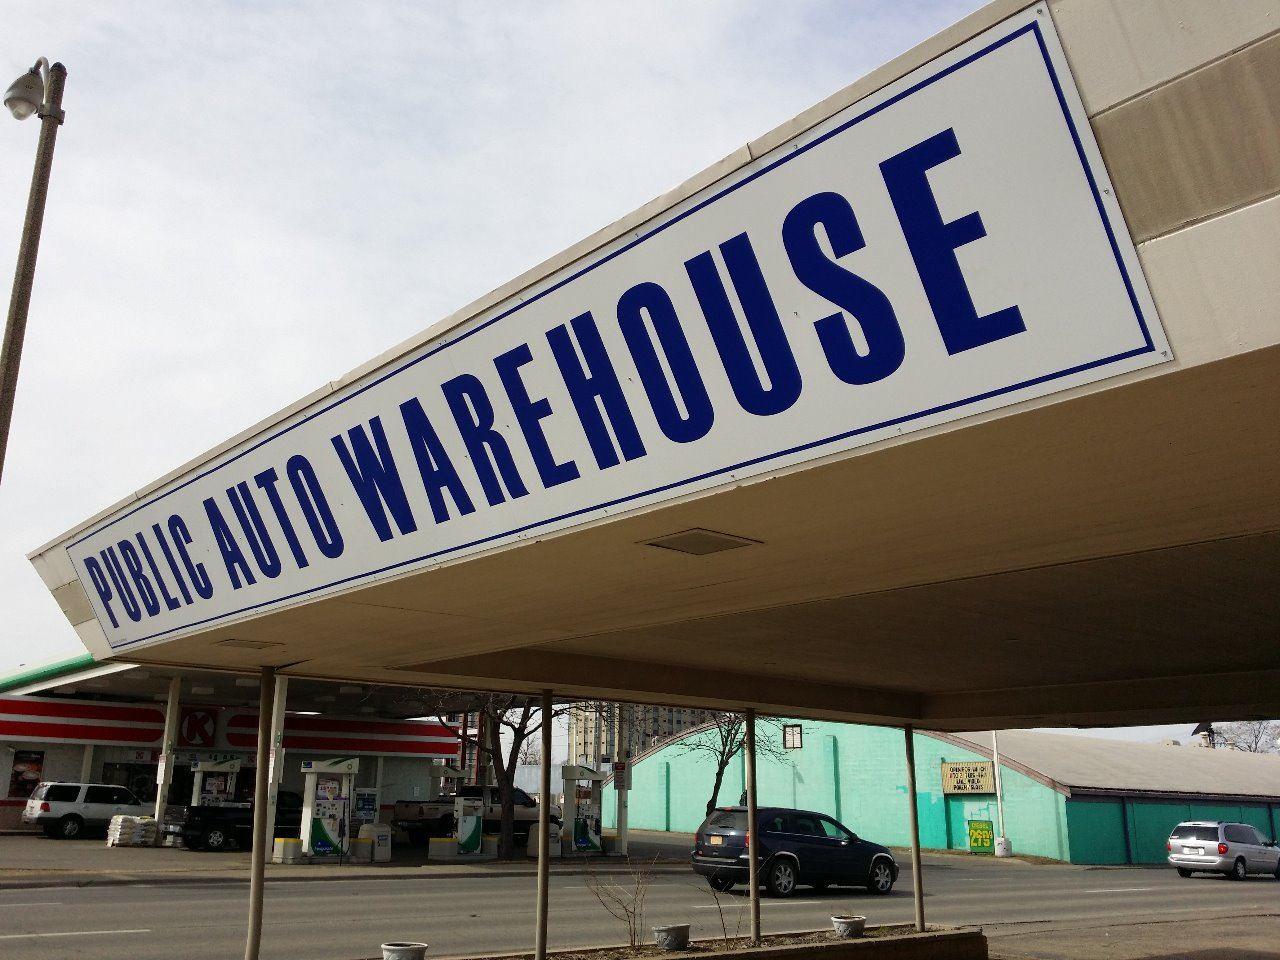 Public Auto Warehouse